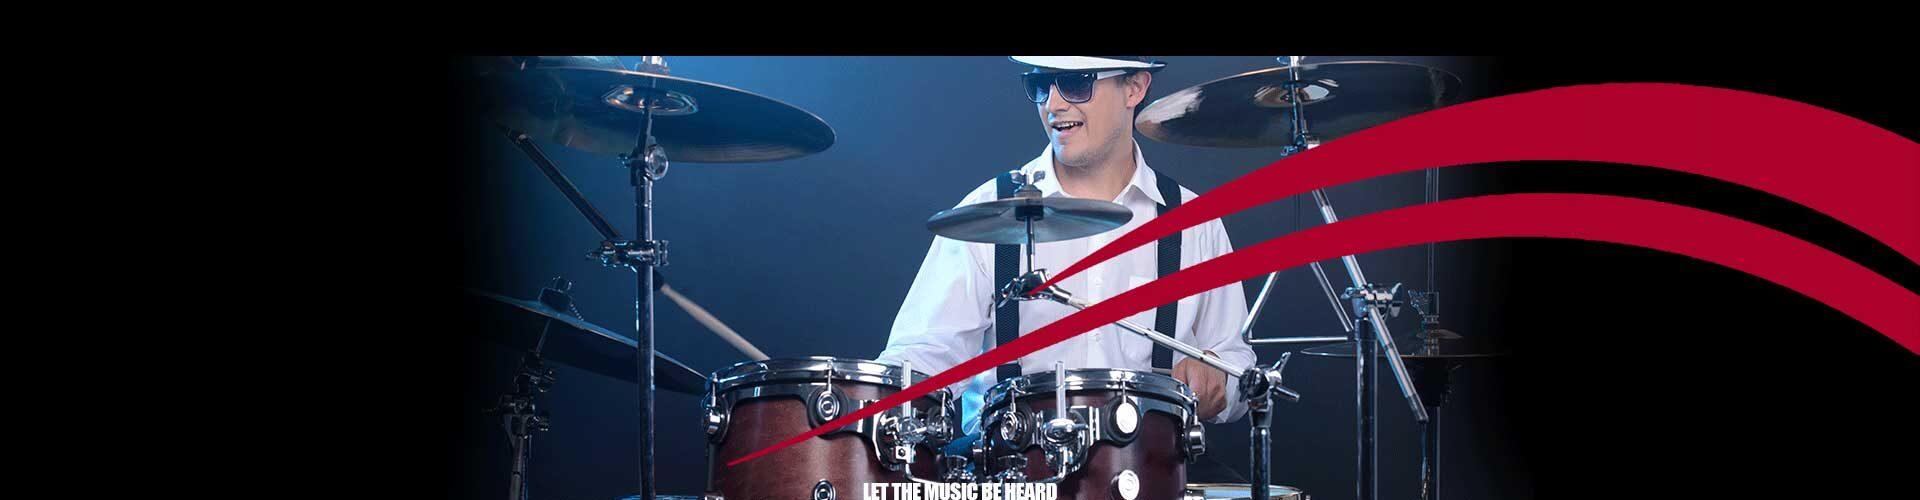 Trinity Rock & Pop Drum lesson in Abu Dhabi